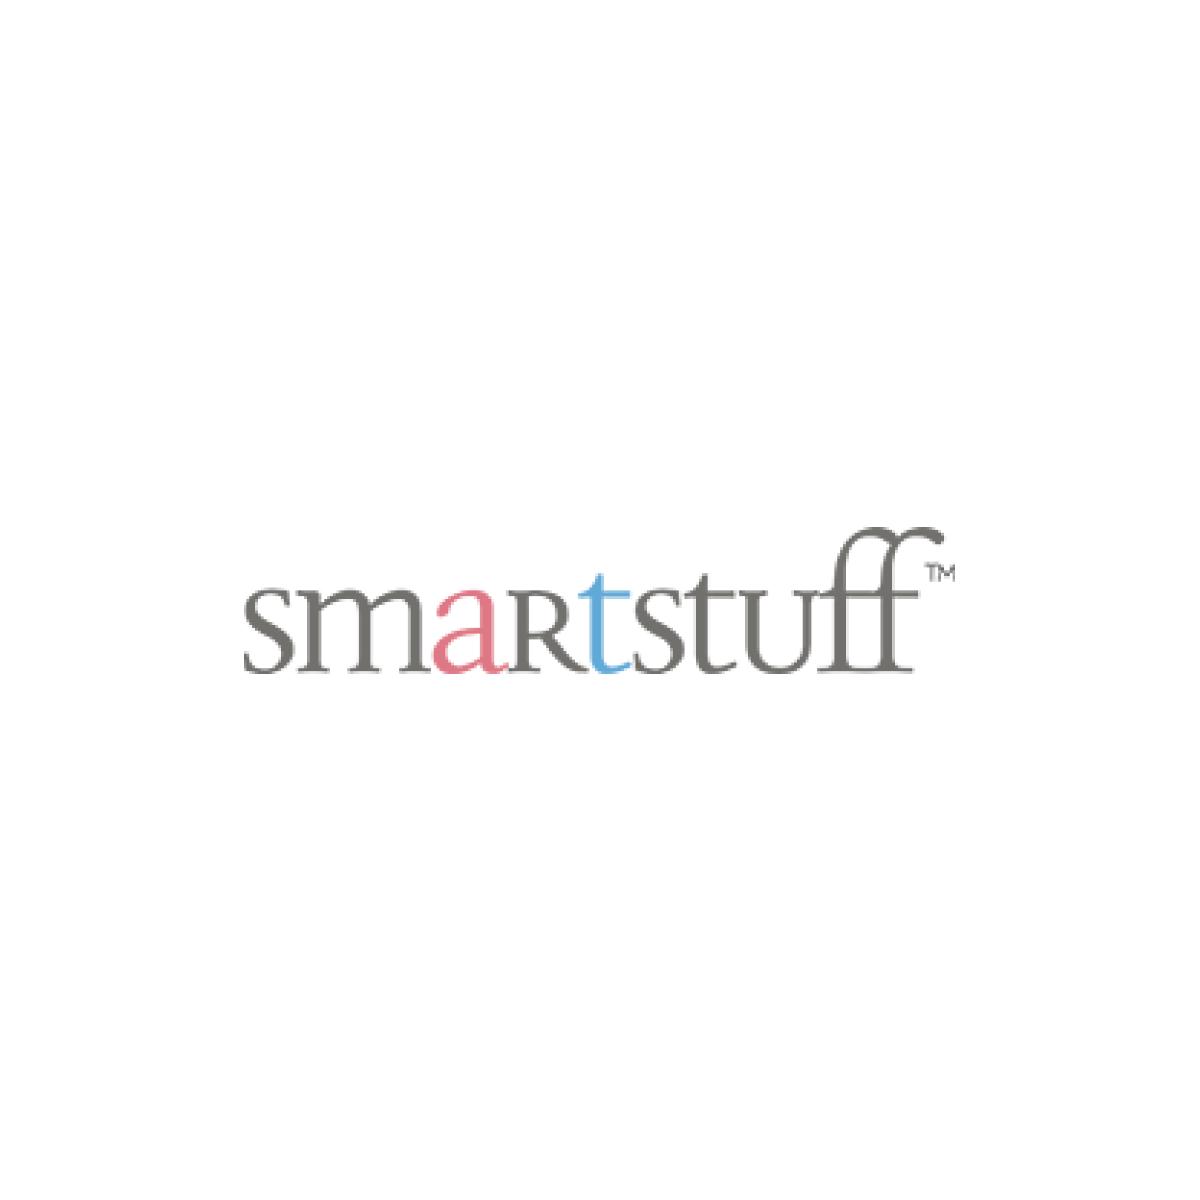 smartstuff